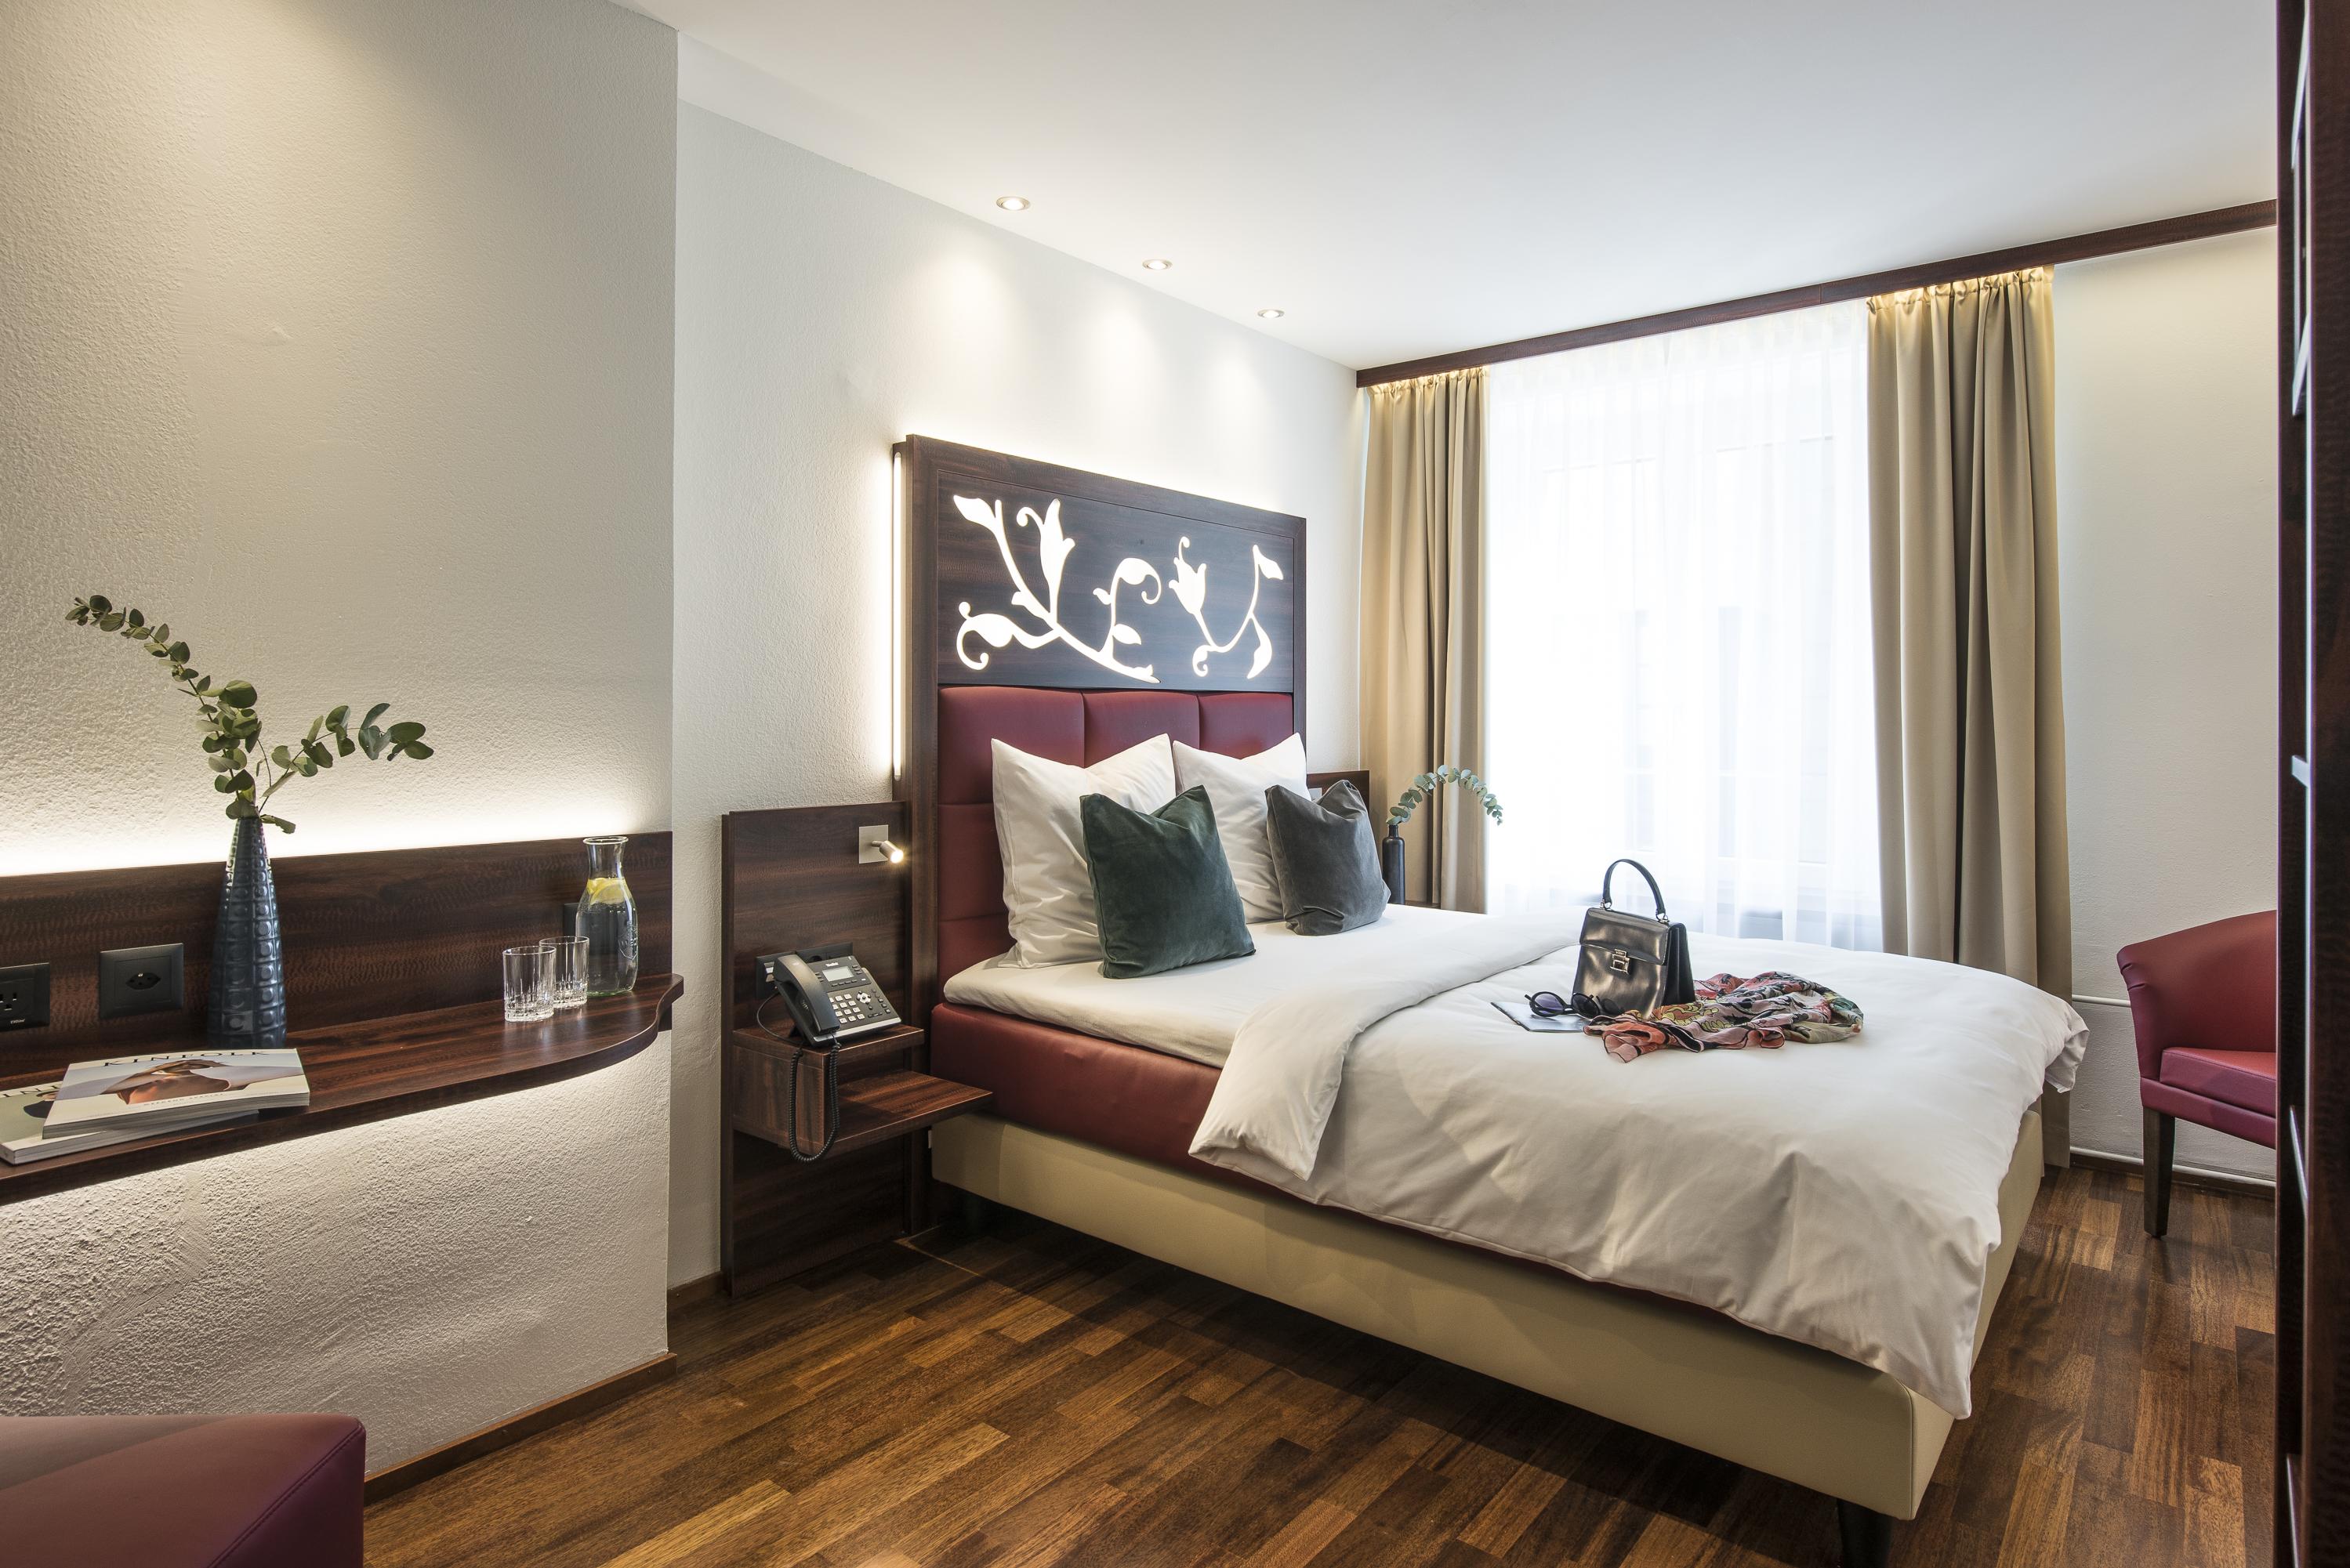 Günstig Hotelzimmer buchen im Besten Hotel